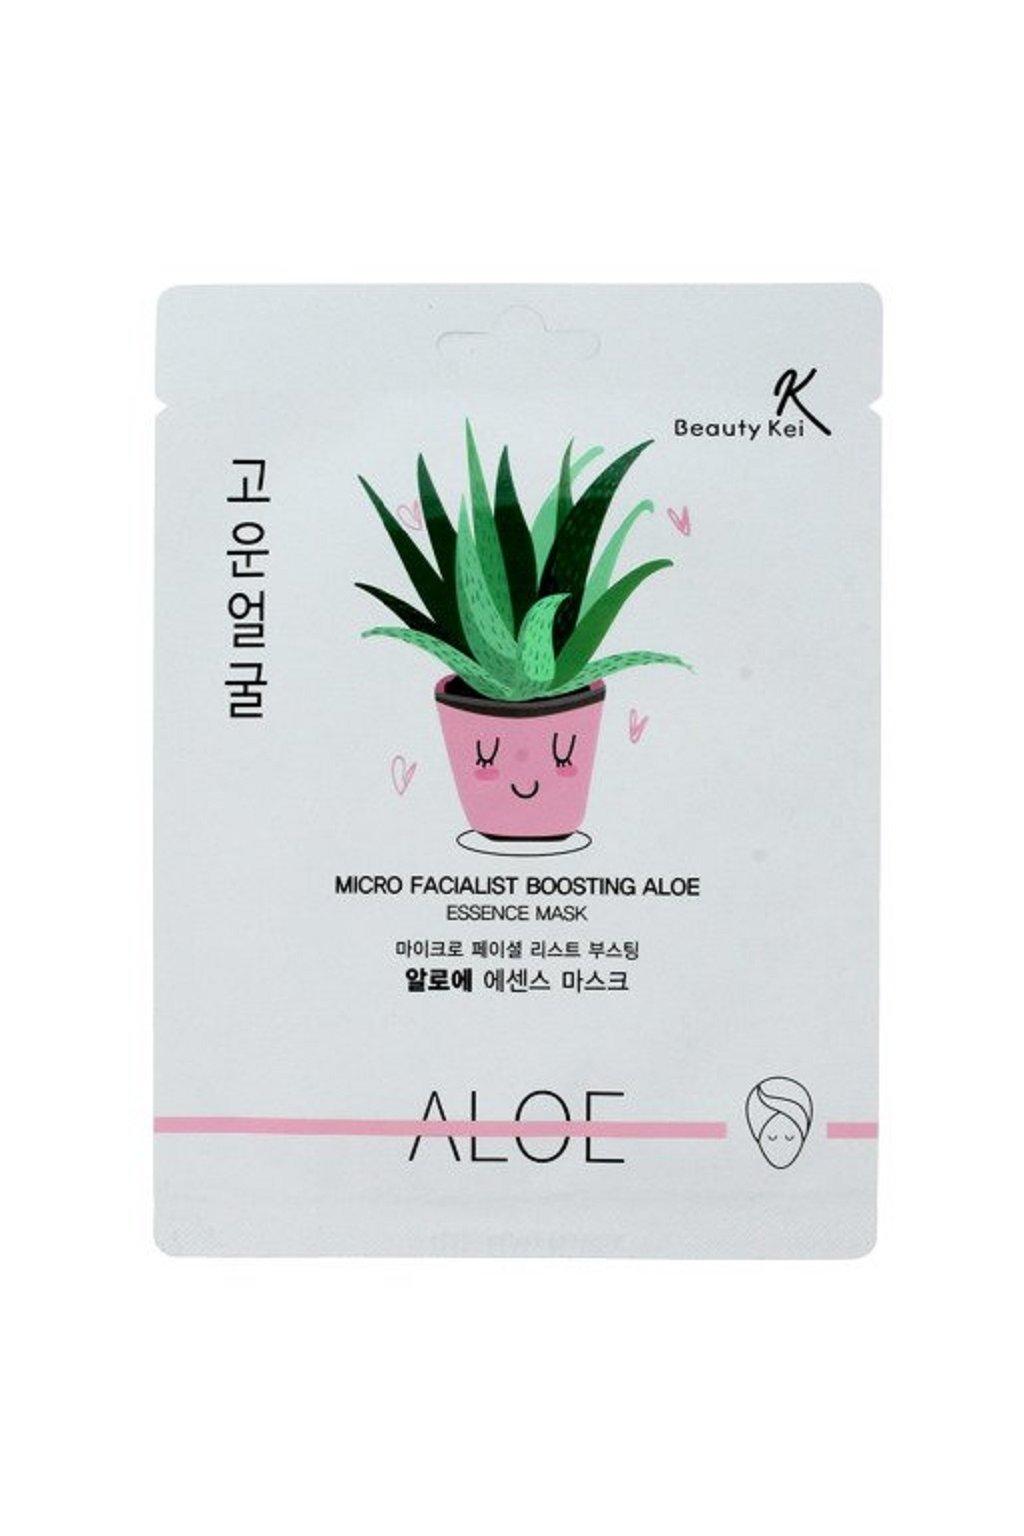 Beauty Kei hydratacni maska s Aloe 1 ks